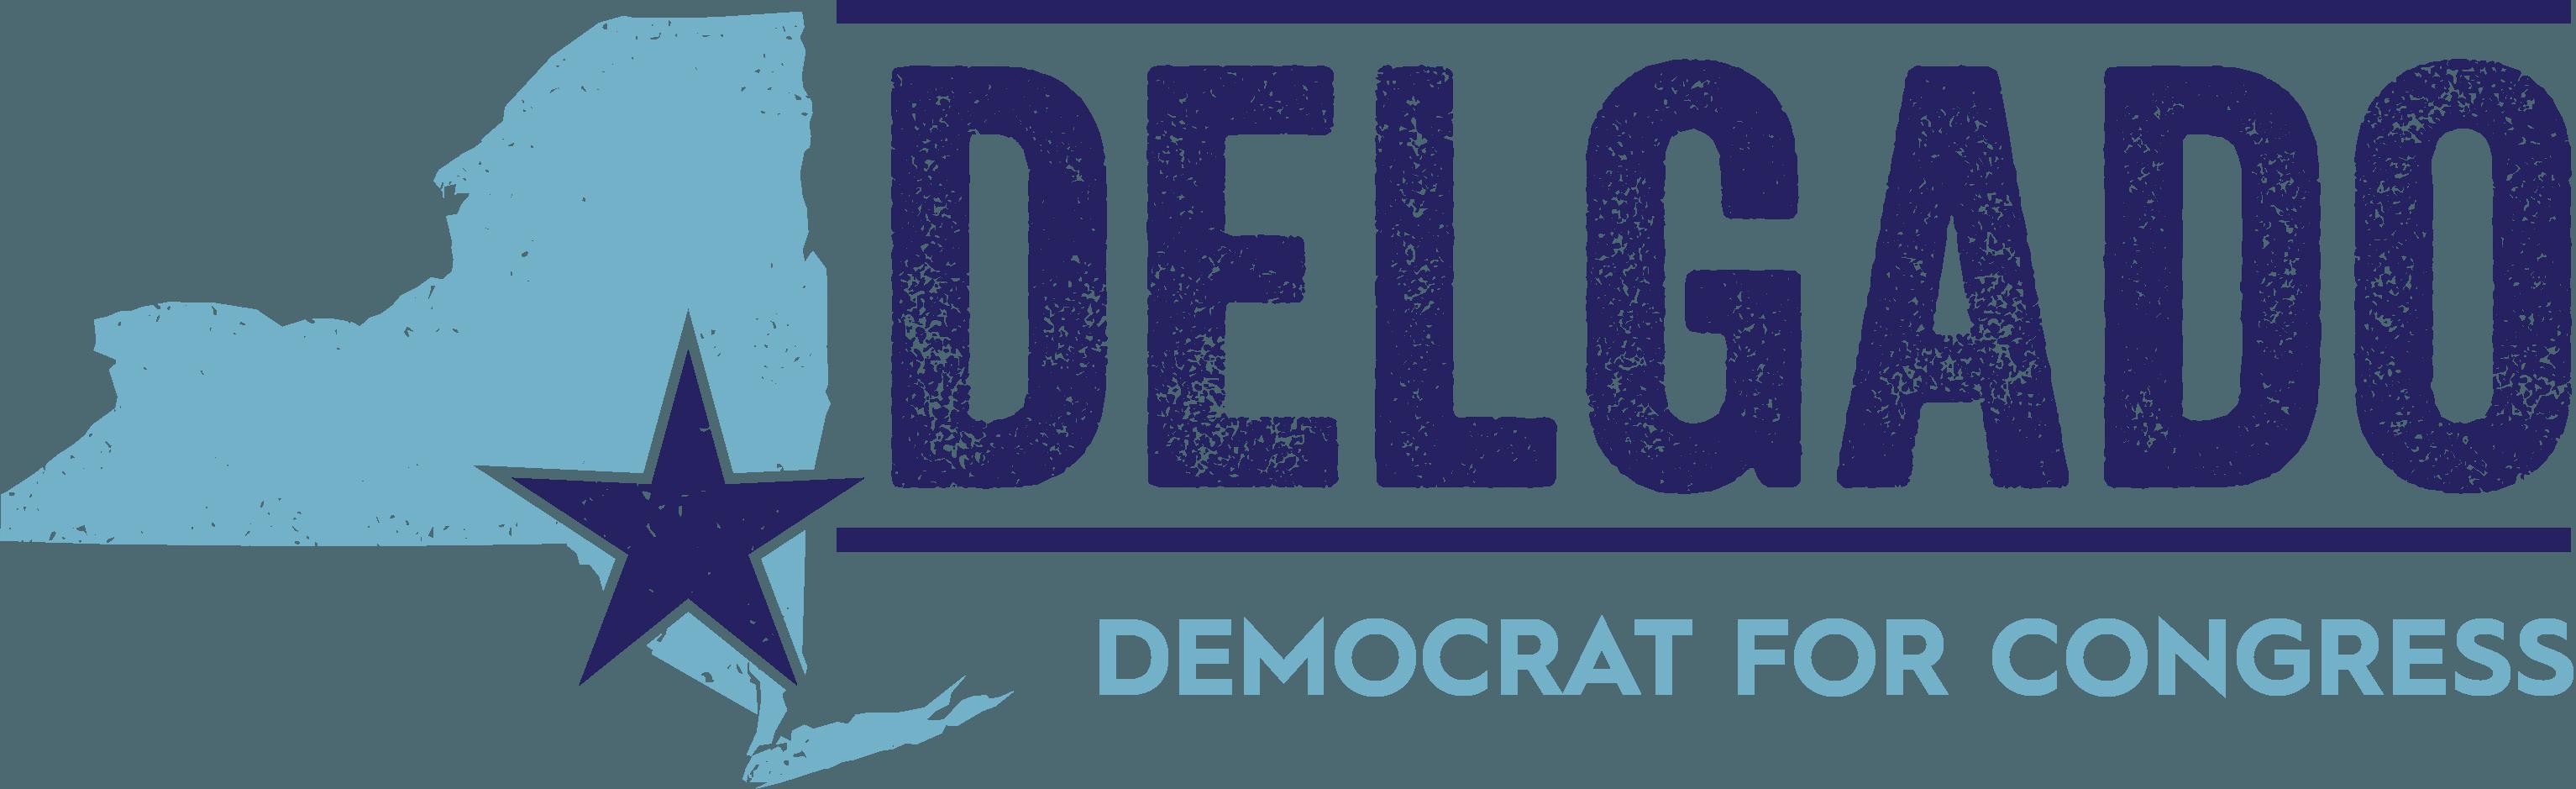 Delgado for Congress logo